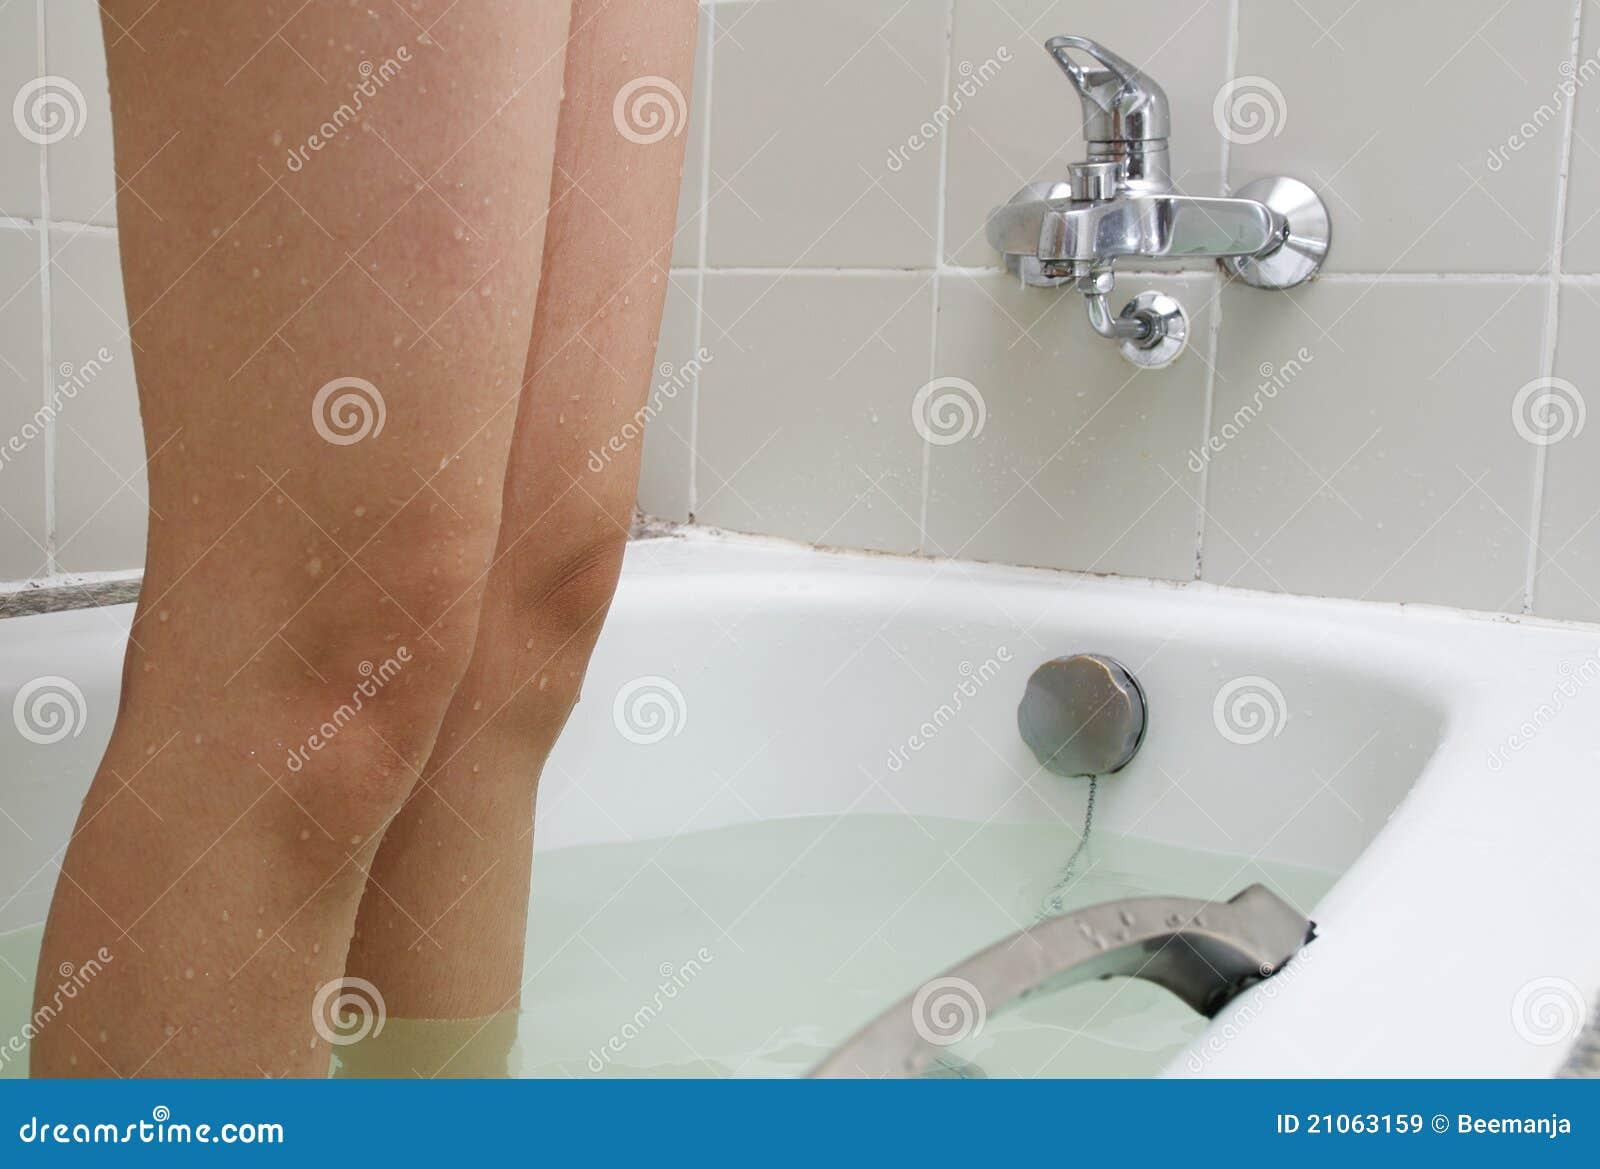 Vasca Da Bagno Piedini : Ra ma vasca da bagno in ghisa con piedini